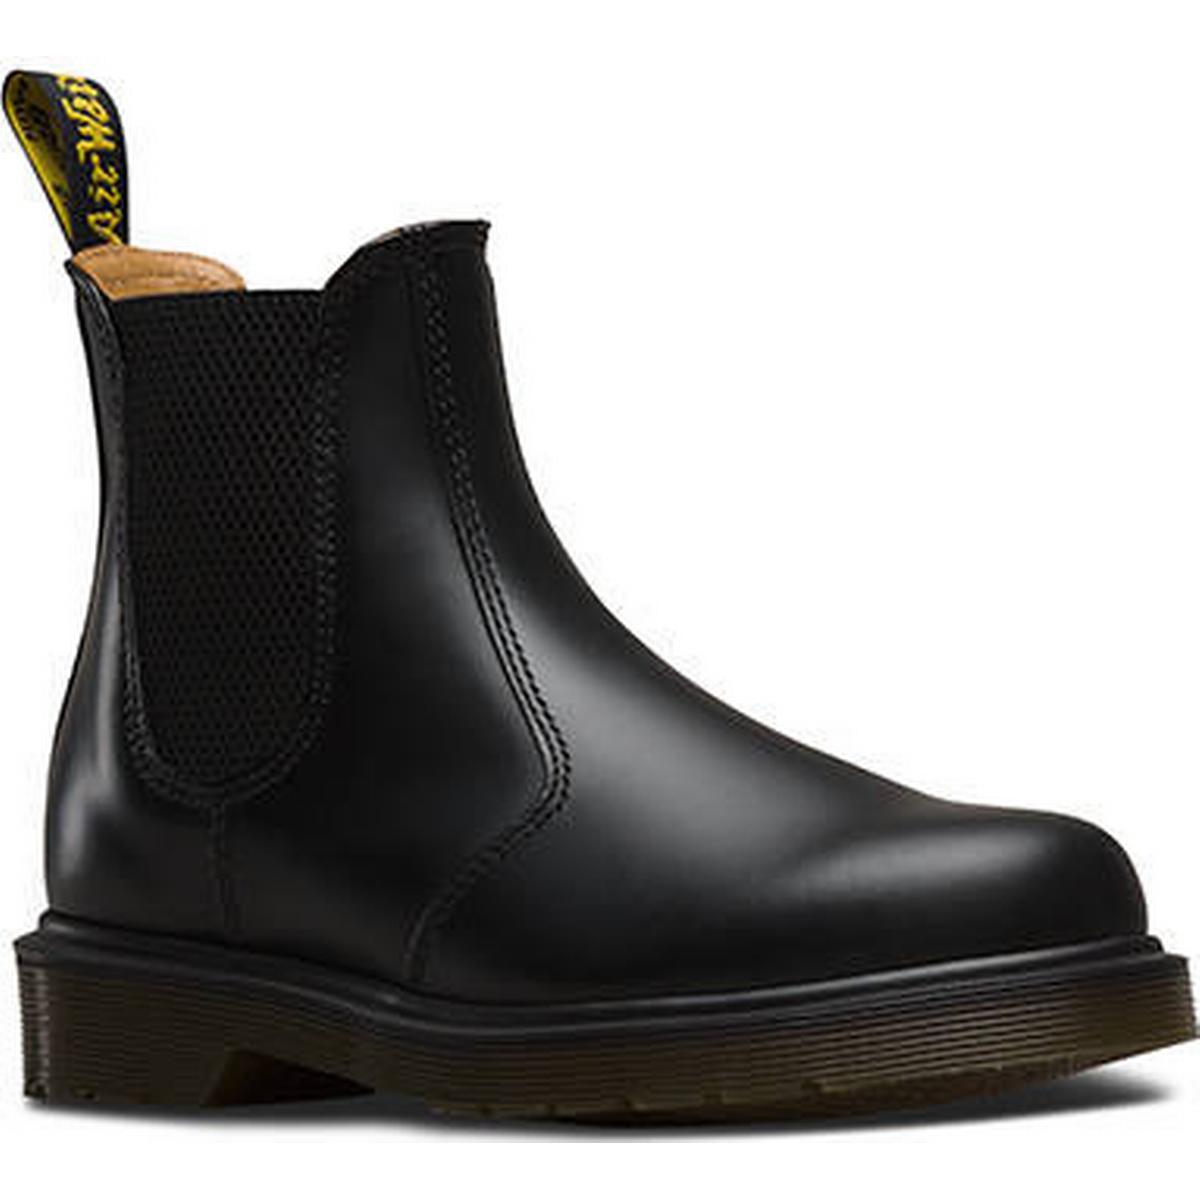 ca8caa0568d Dr Martens Chelsea Boots - Jämför priser på Jodhpur PriceRunner